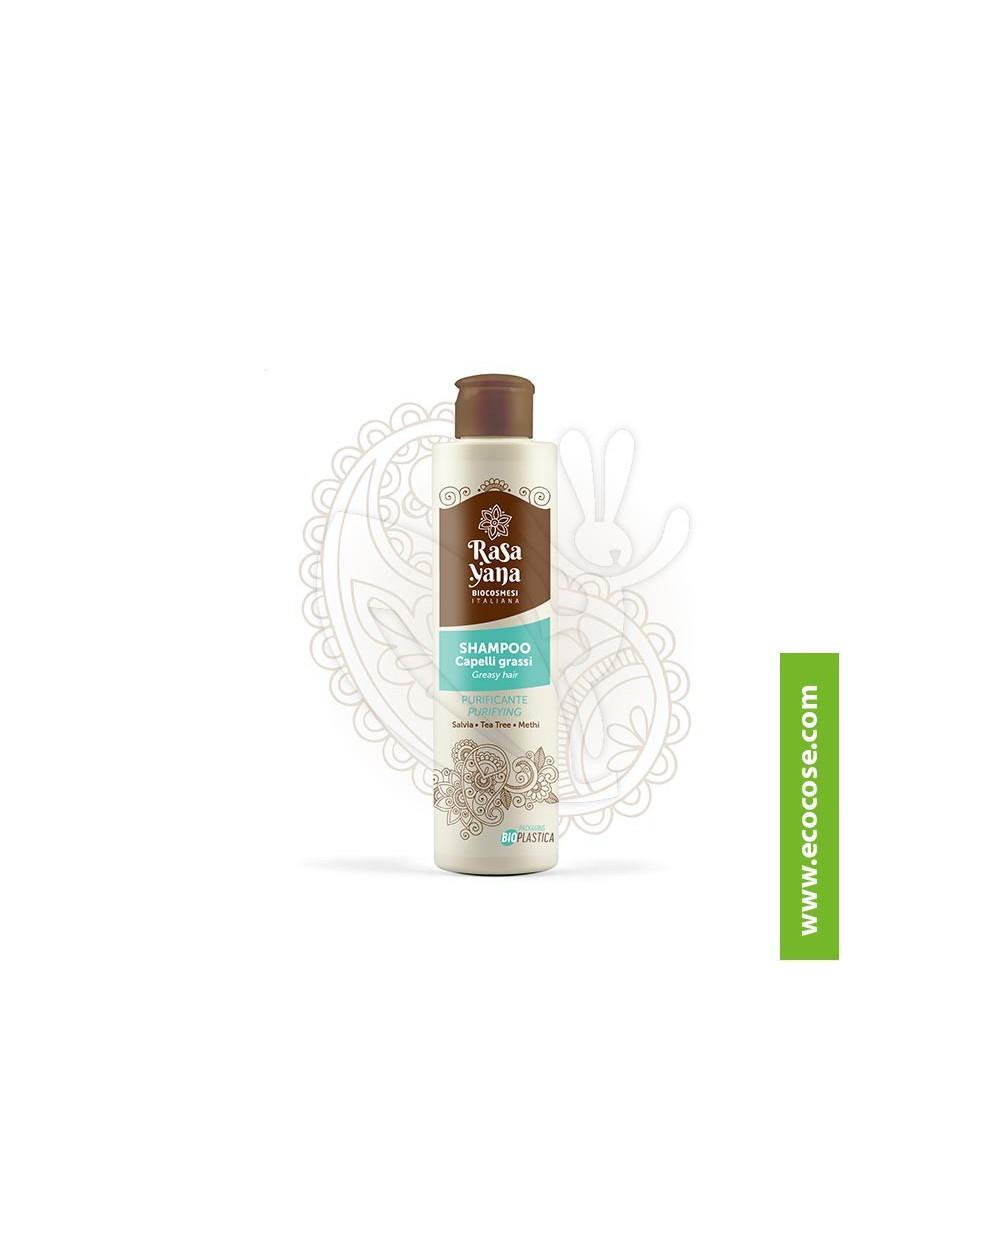 Rasayana BioCosmesi - Shampoo Purificante Capelli grassi *NEW*